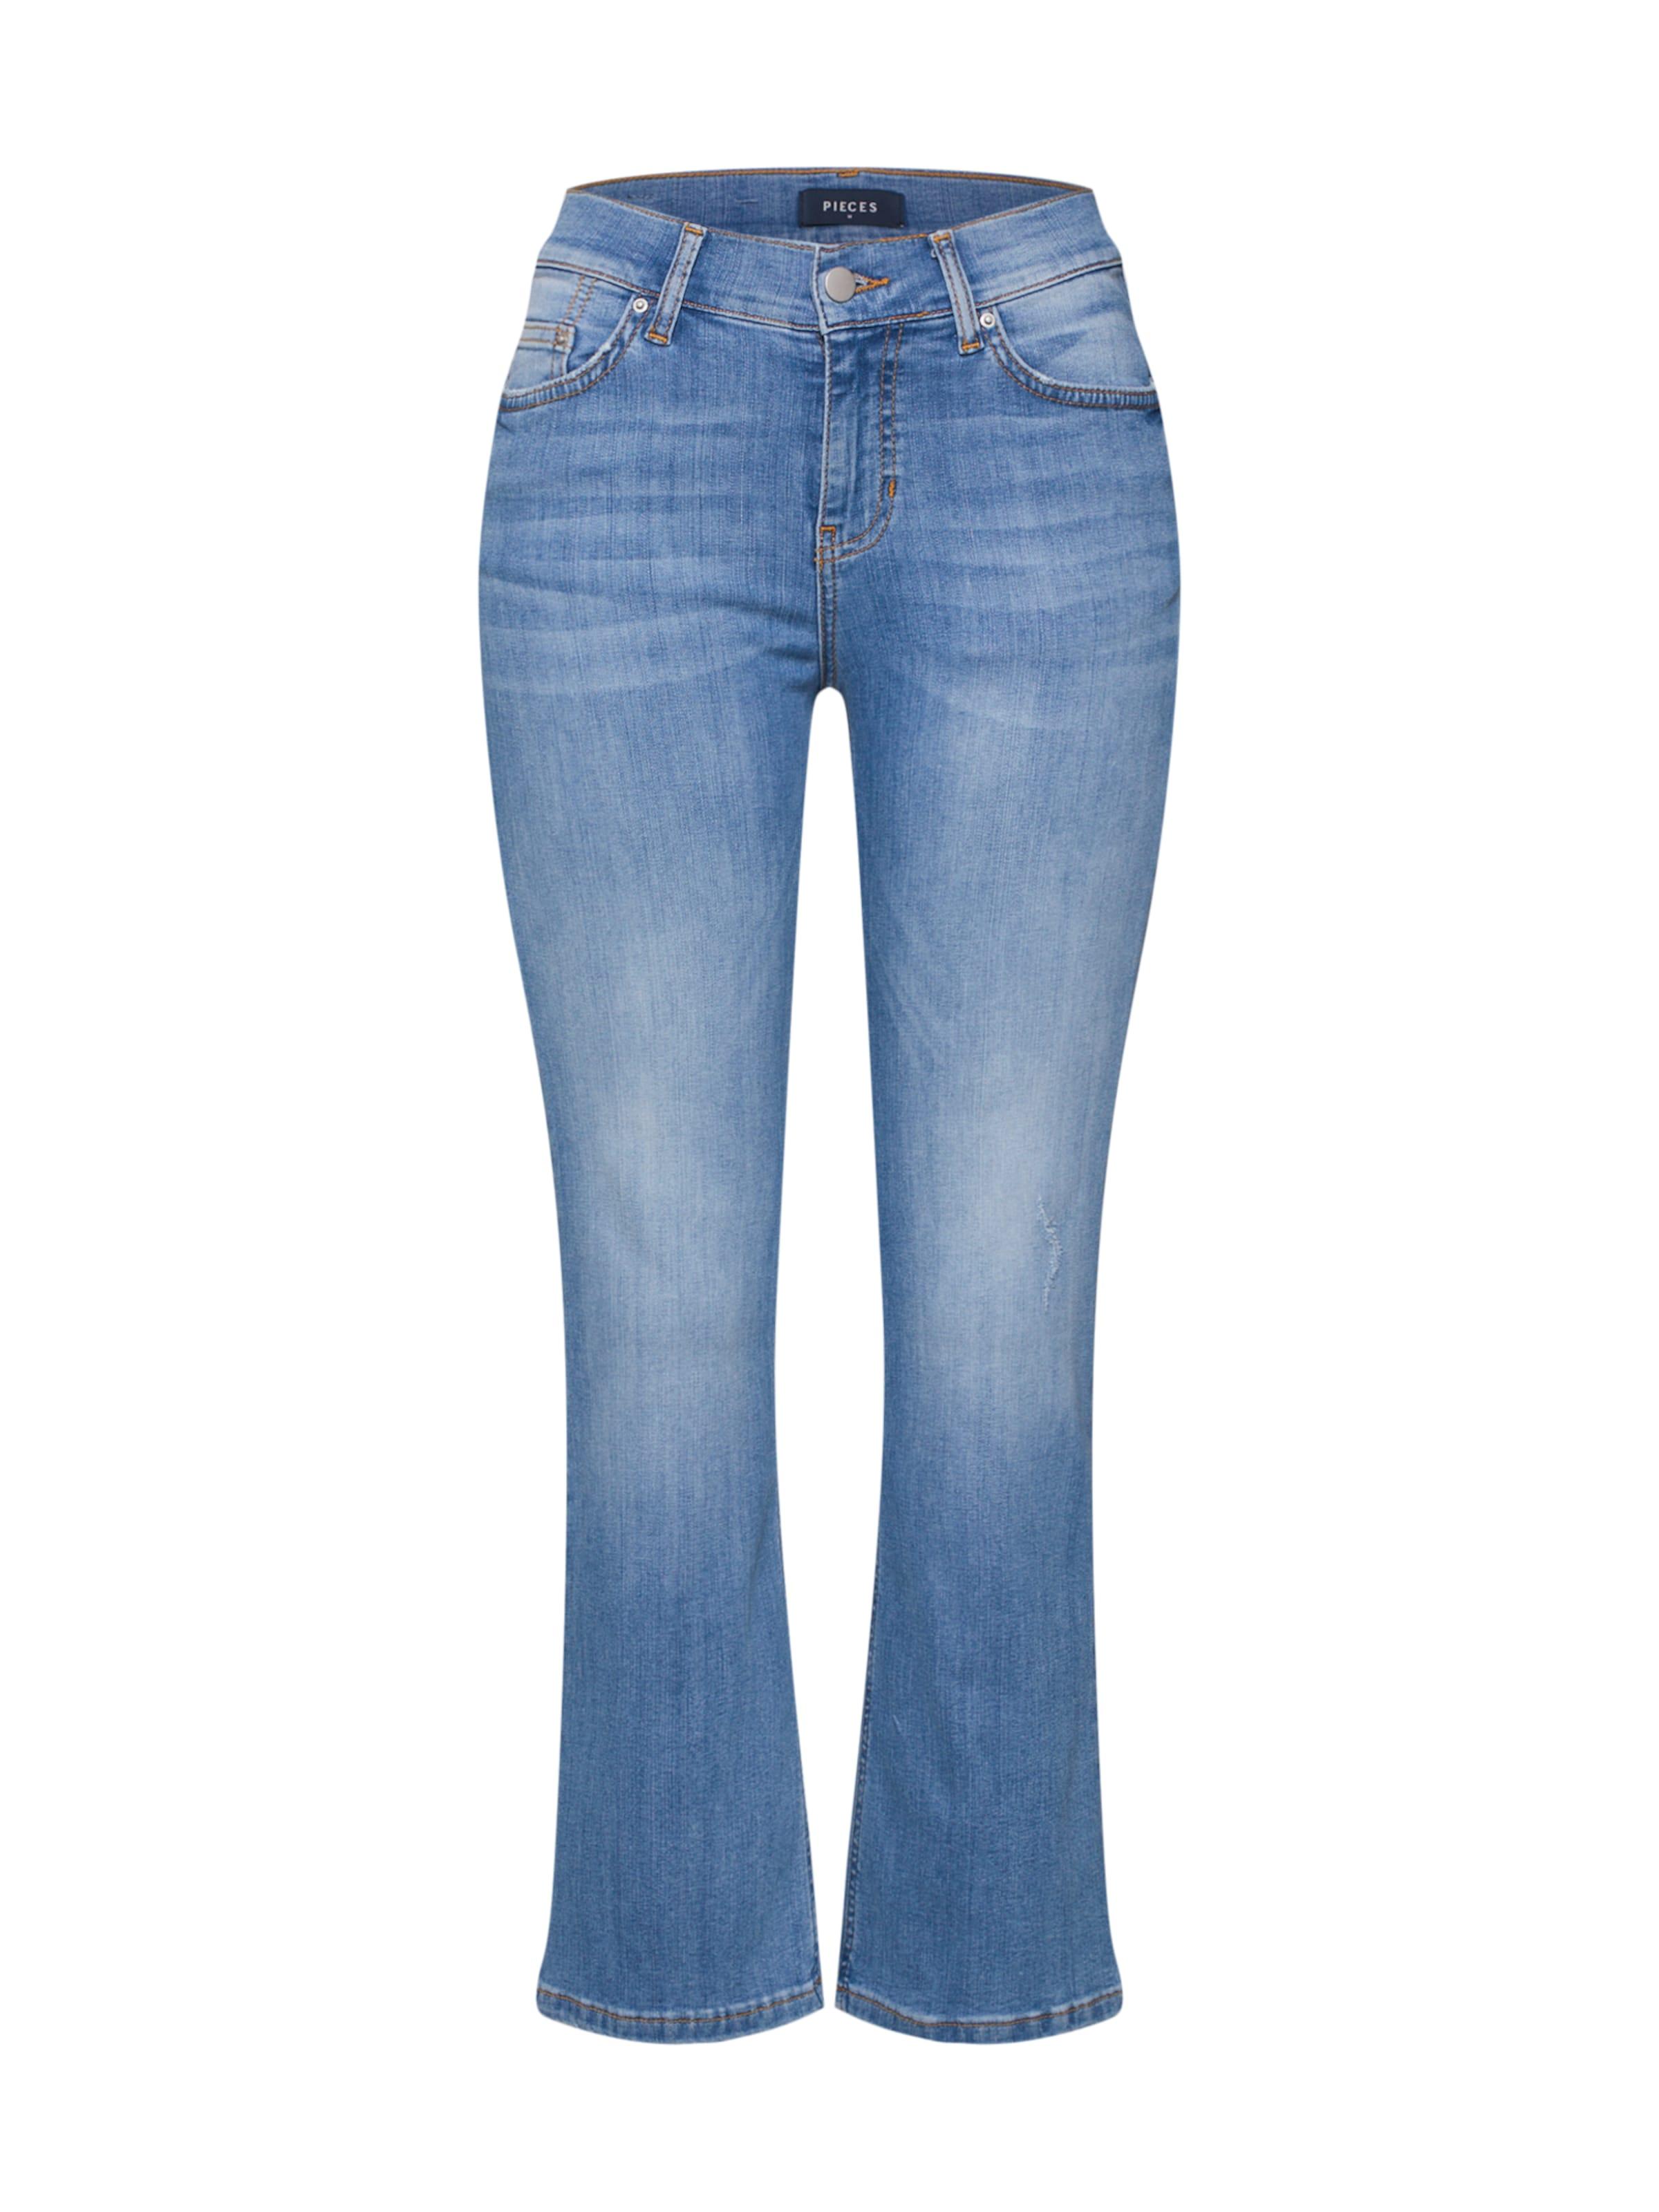 'pcdelly' En Denim Jean Pieces Bleu cAj5q34RL